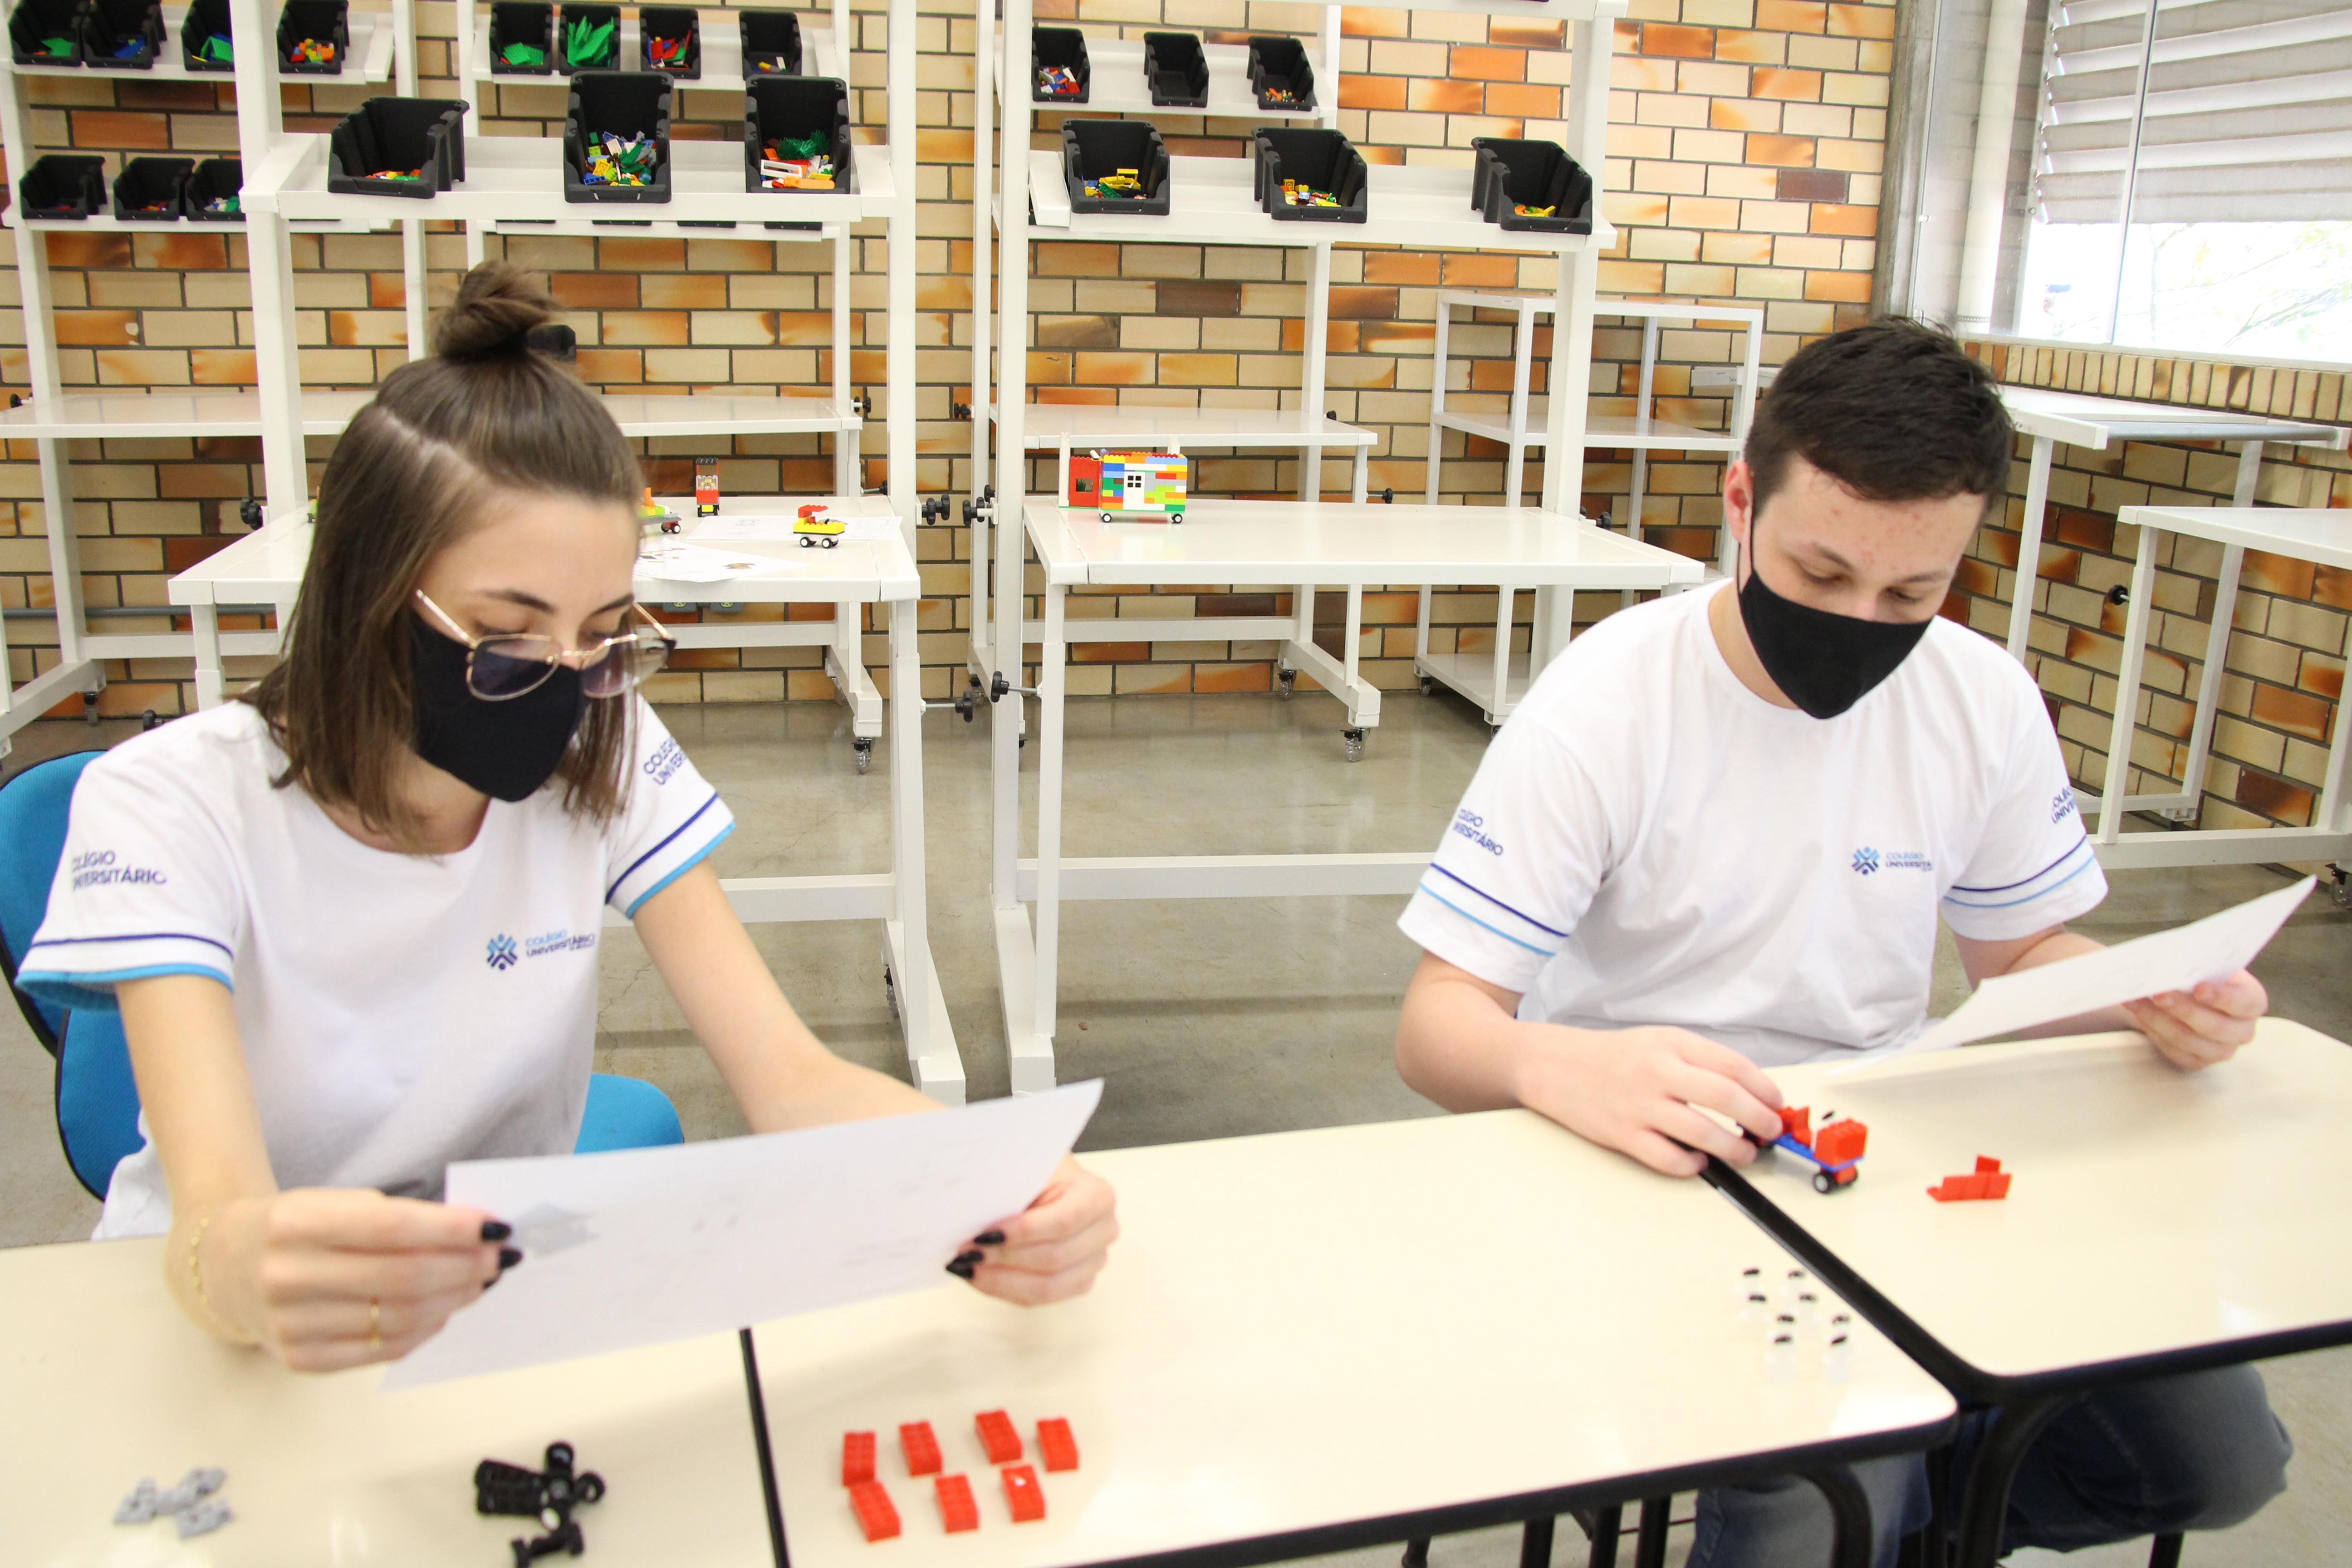 Projeto interdisciplinar desenvolve competências empreendedoras em estudantes do Colégio UNIFEBE